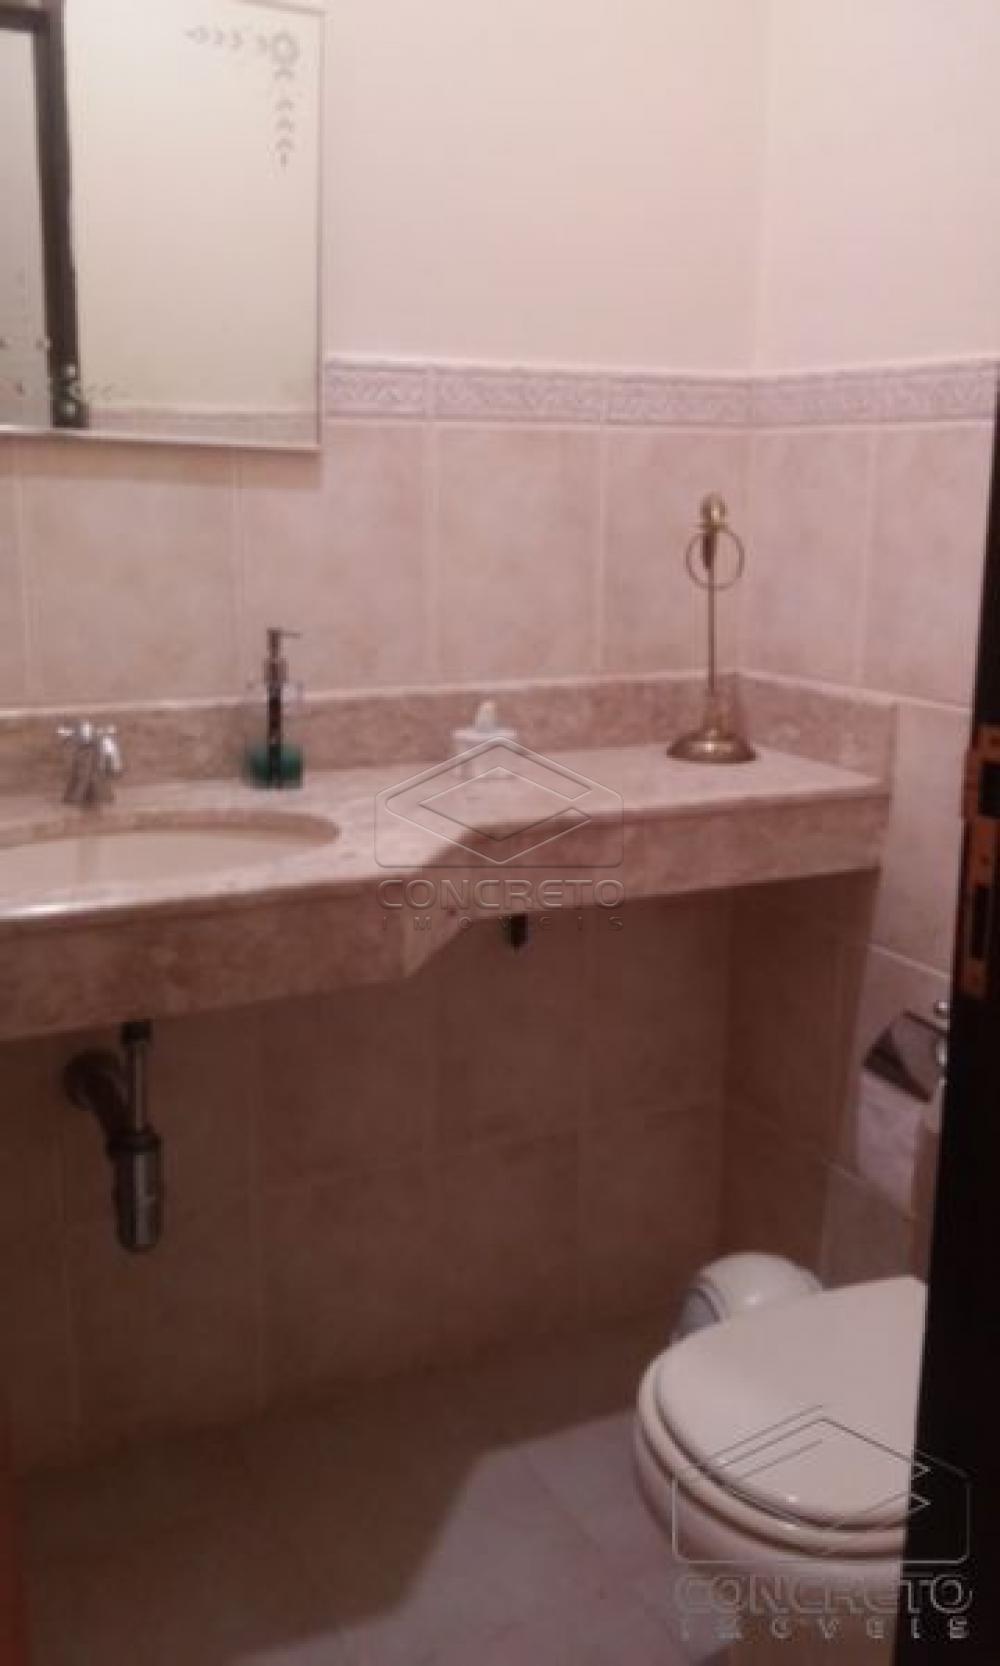 Comprar Apartamento / Padrão em Piratininga R$ 700.000,00 - Foto 10